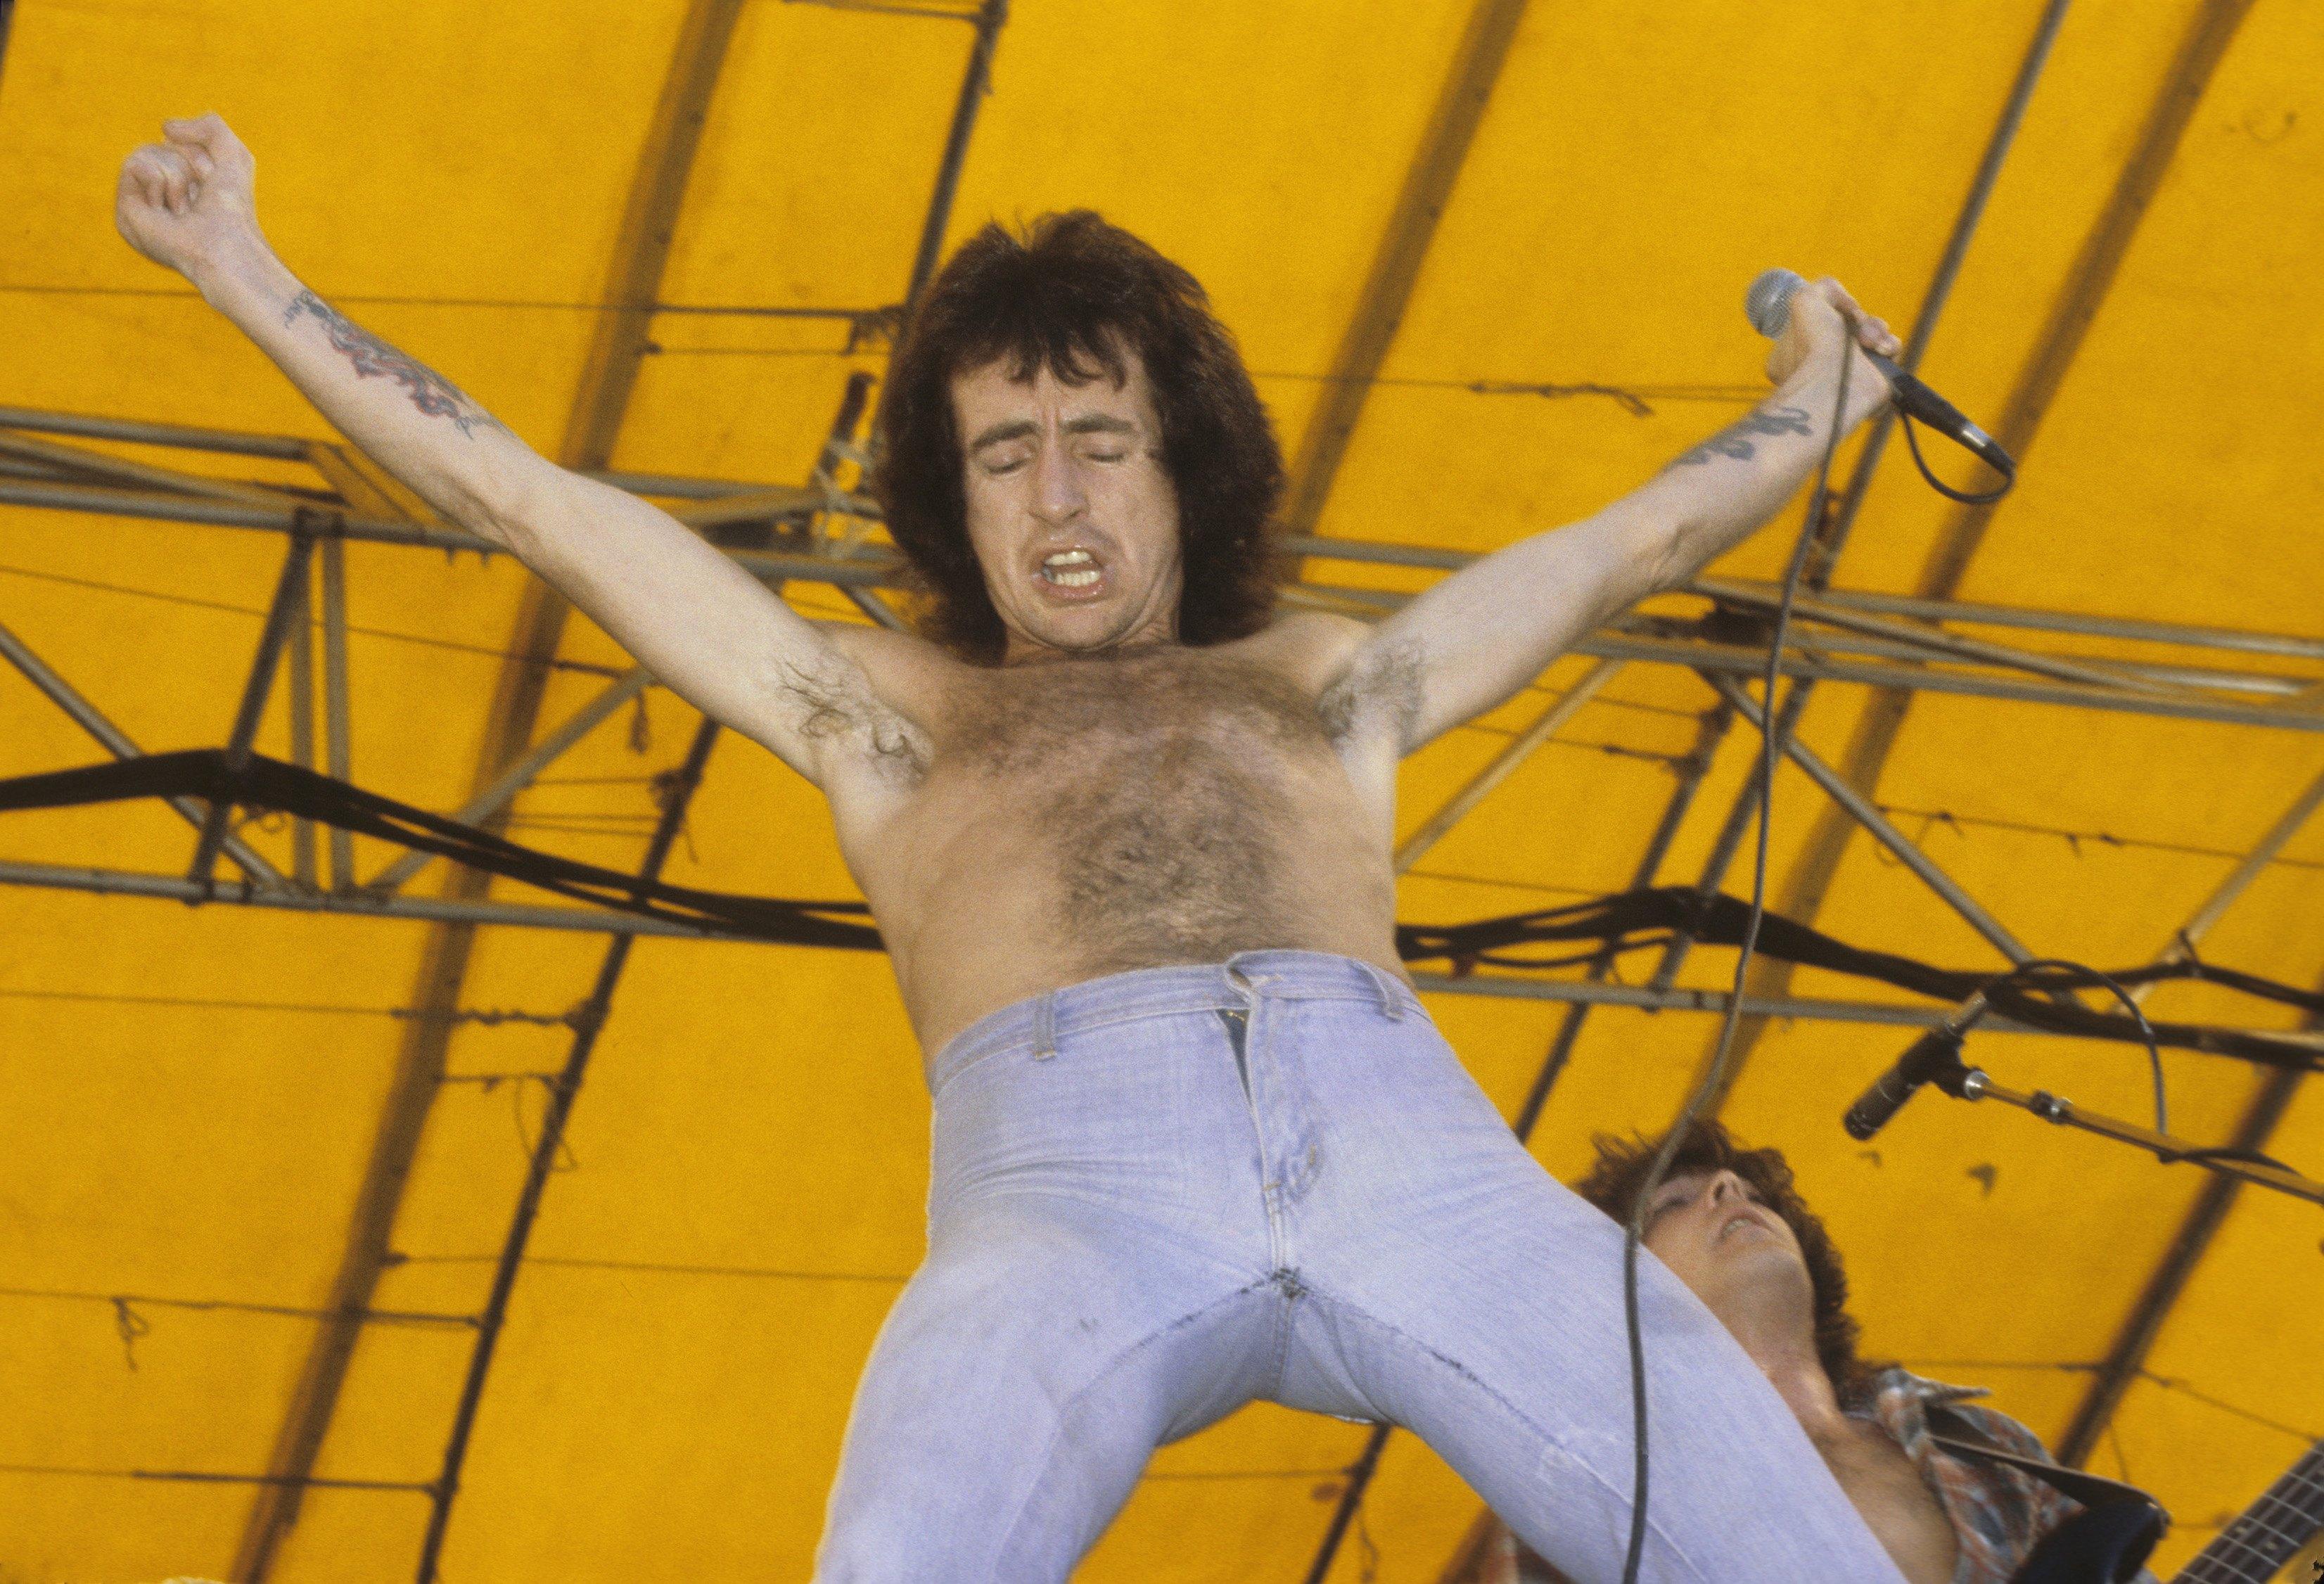 Unsere Leser wollen Bon Scott und AC/DC auf der großen Leinwand